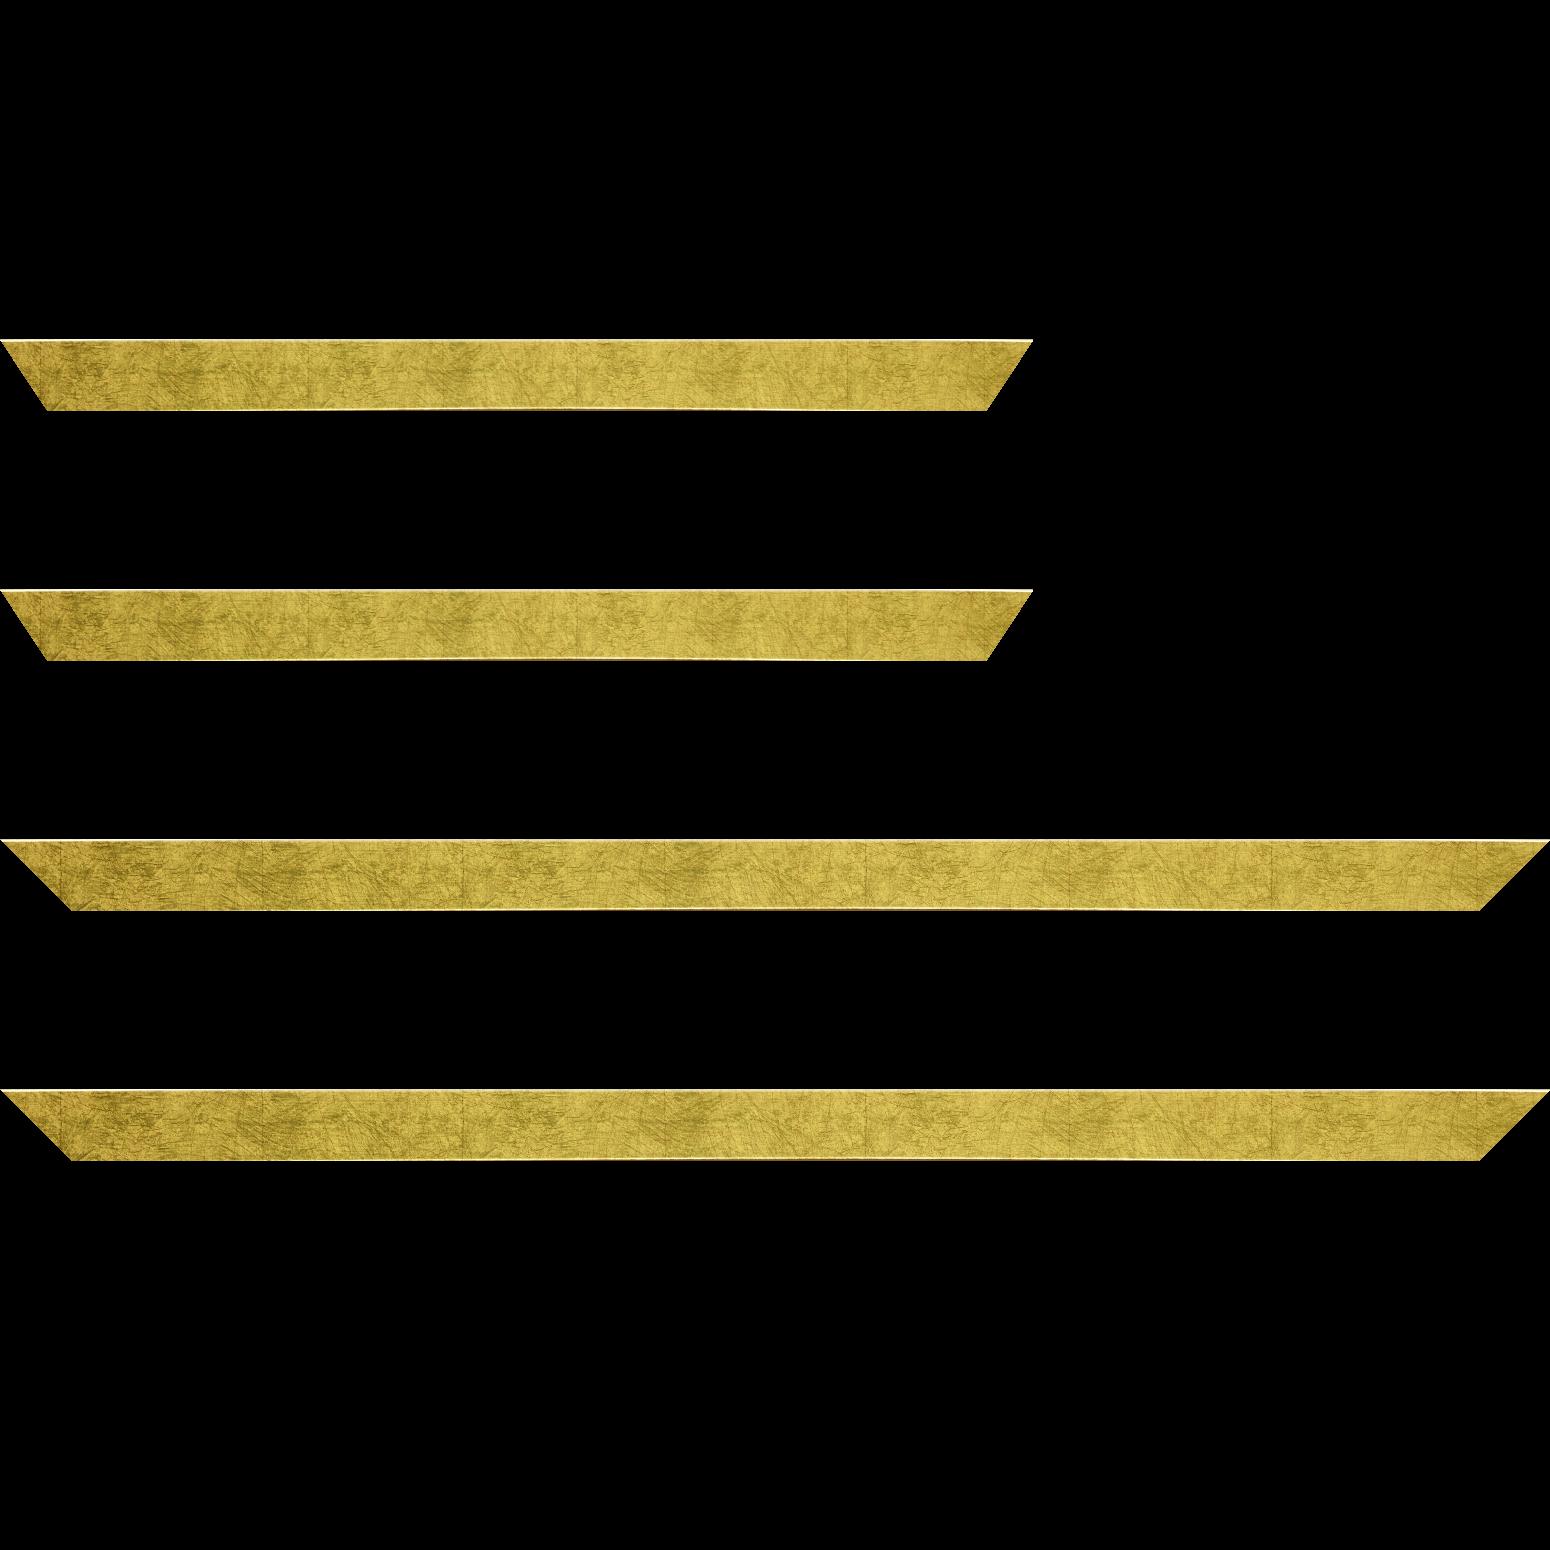 Baguette service précoupé Bois profil plat largeur 2.5cm hauteur 4.8cm or effet marbré (hauteur feuillure 4.3cm )